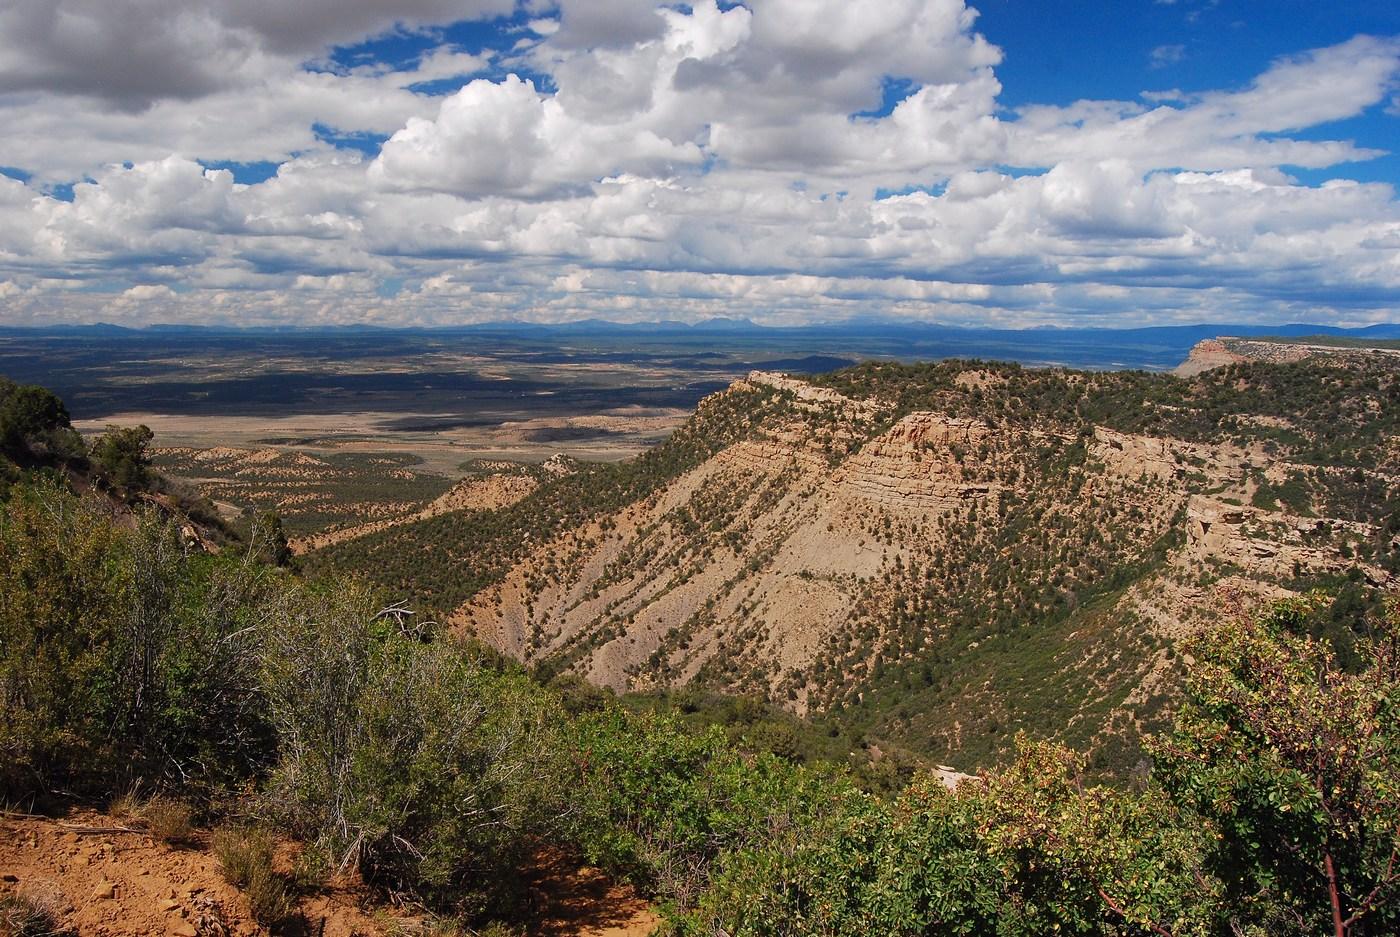 Une vue depuis le sommet de la cuesta vers les plaines du Colorado en contrebas.